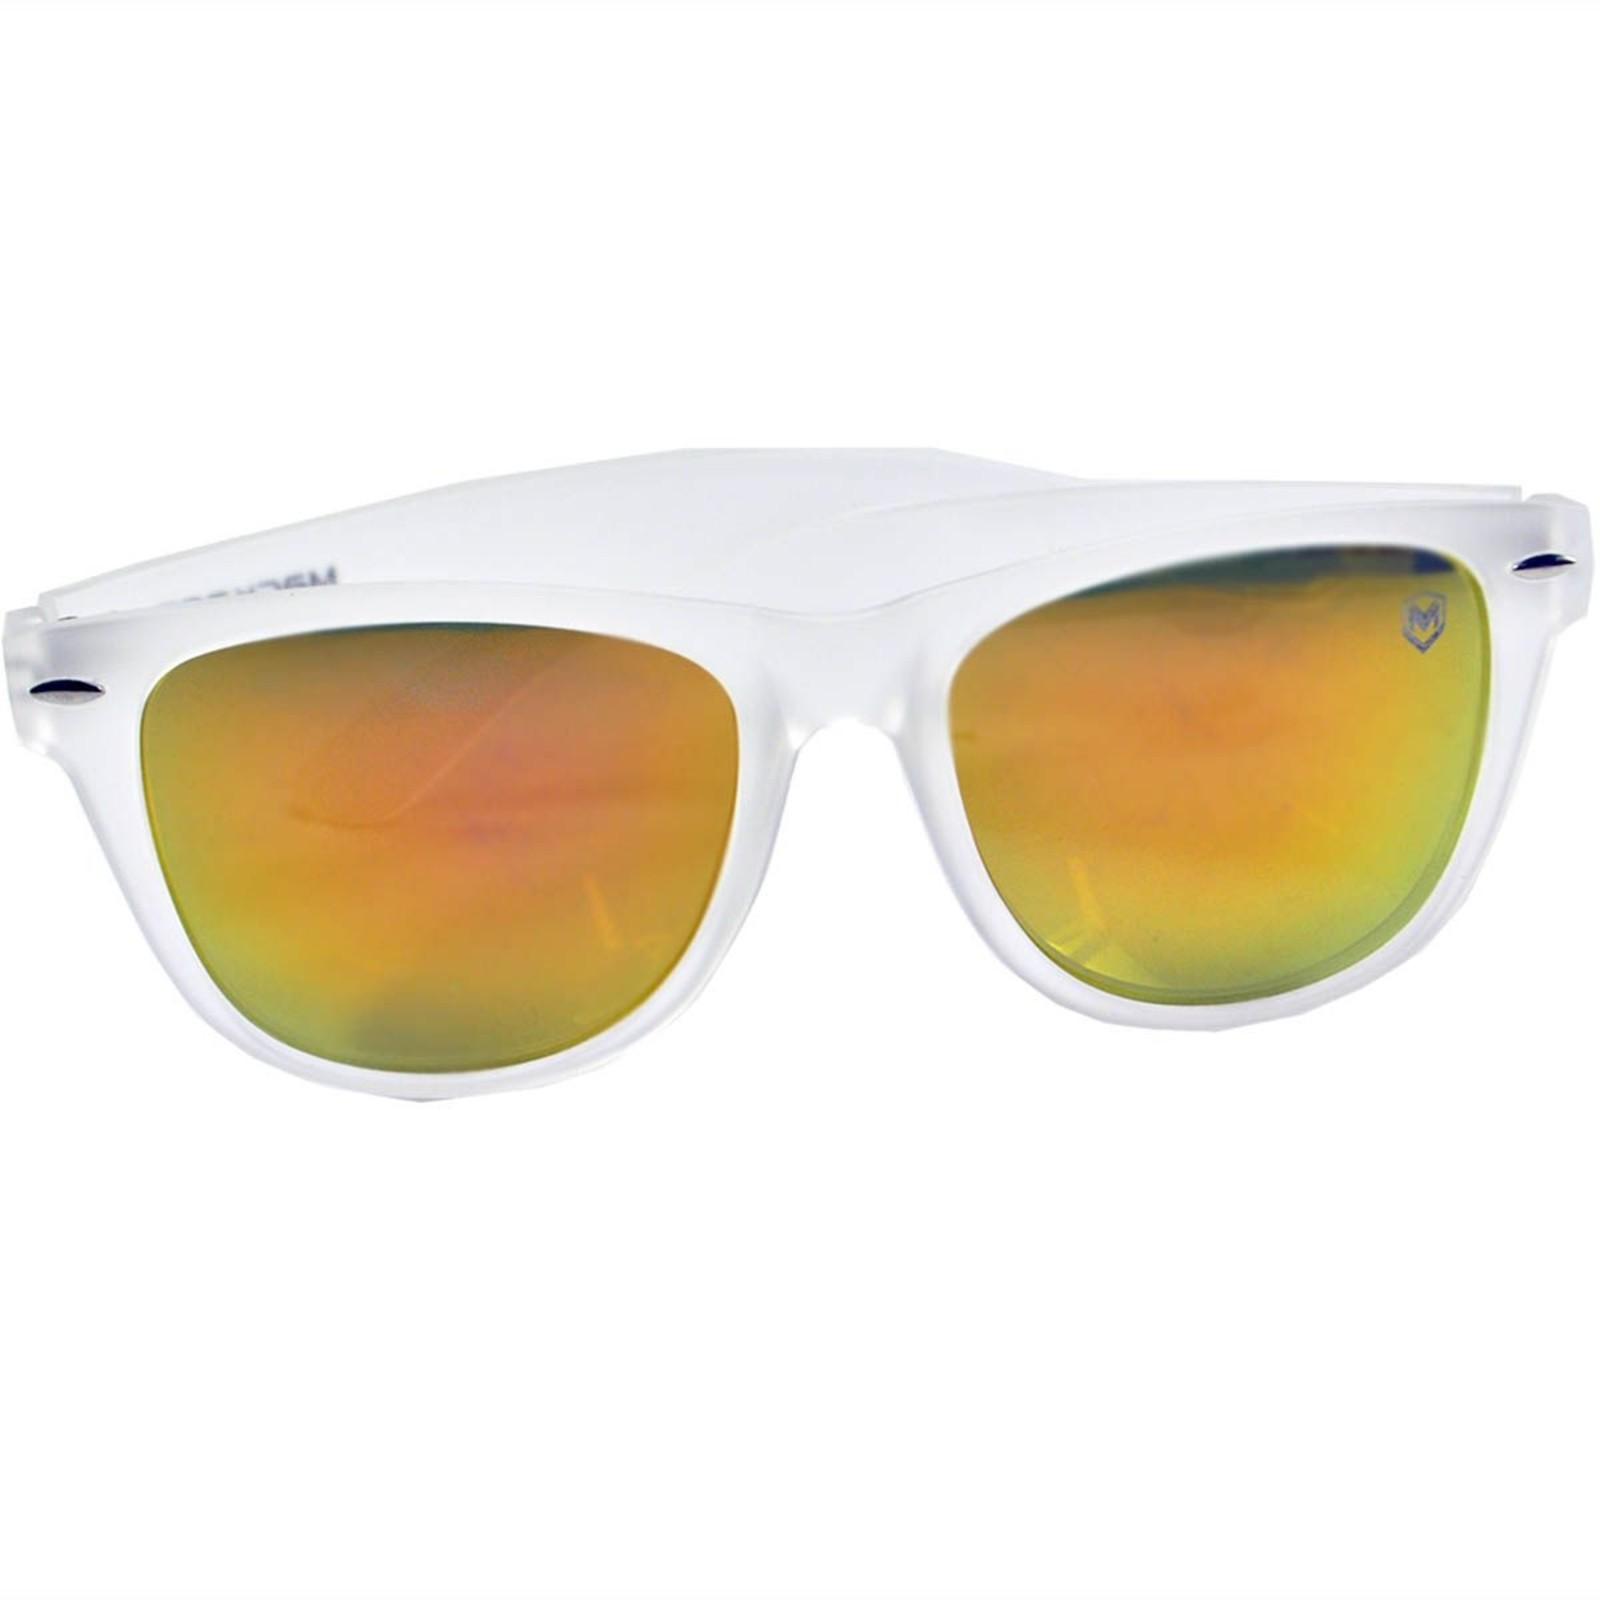 Óculos De Sol Mackage Unissex Acetato Wayfarer - Gelo